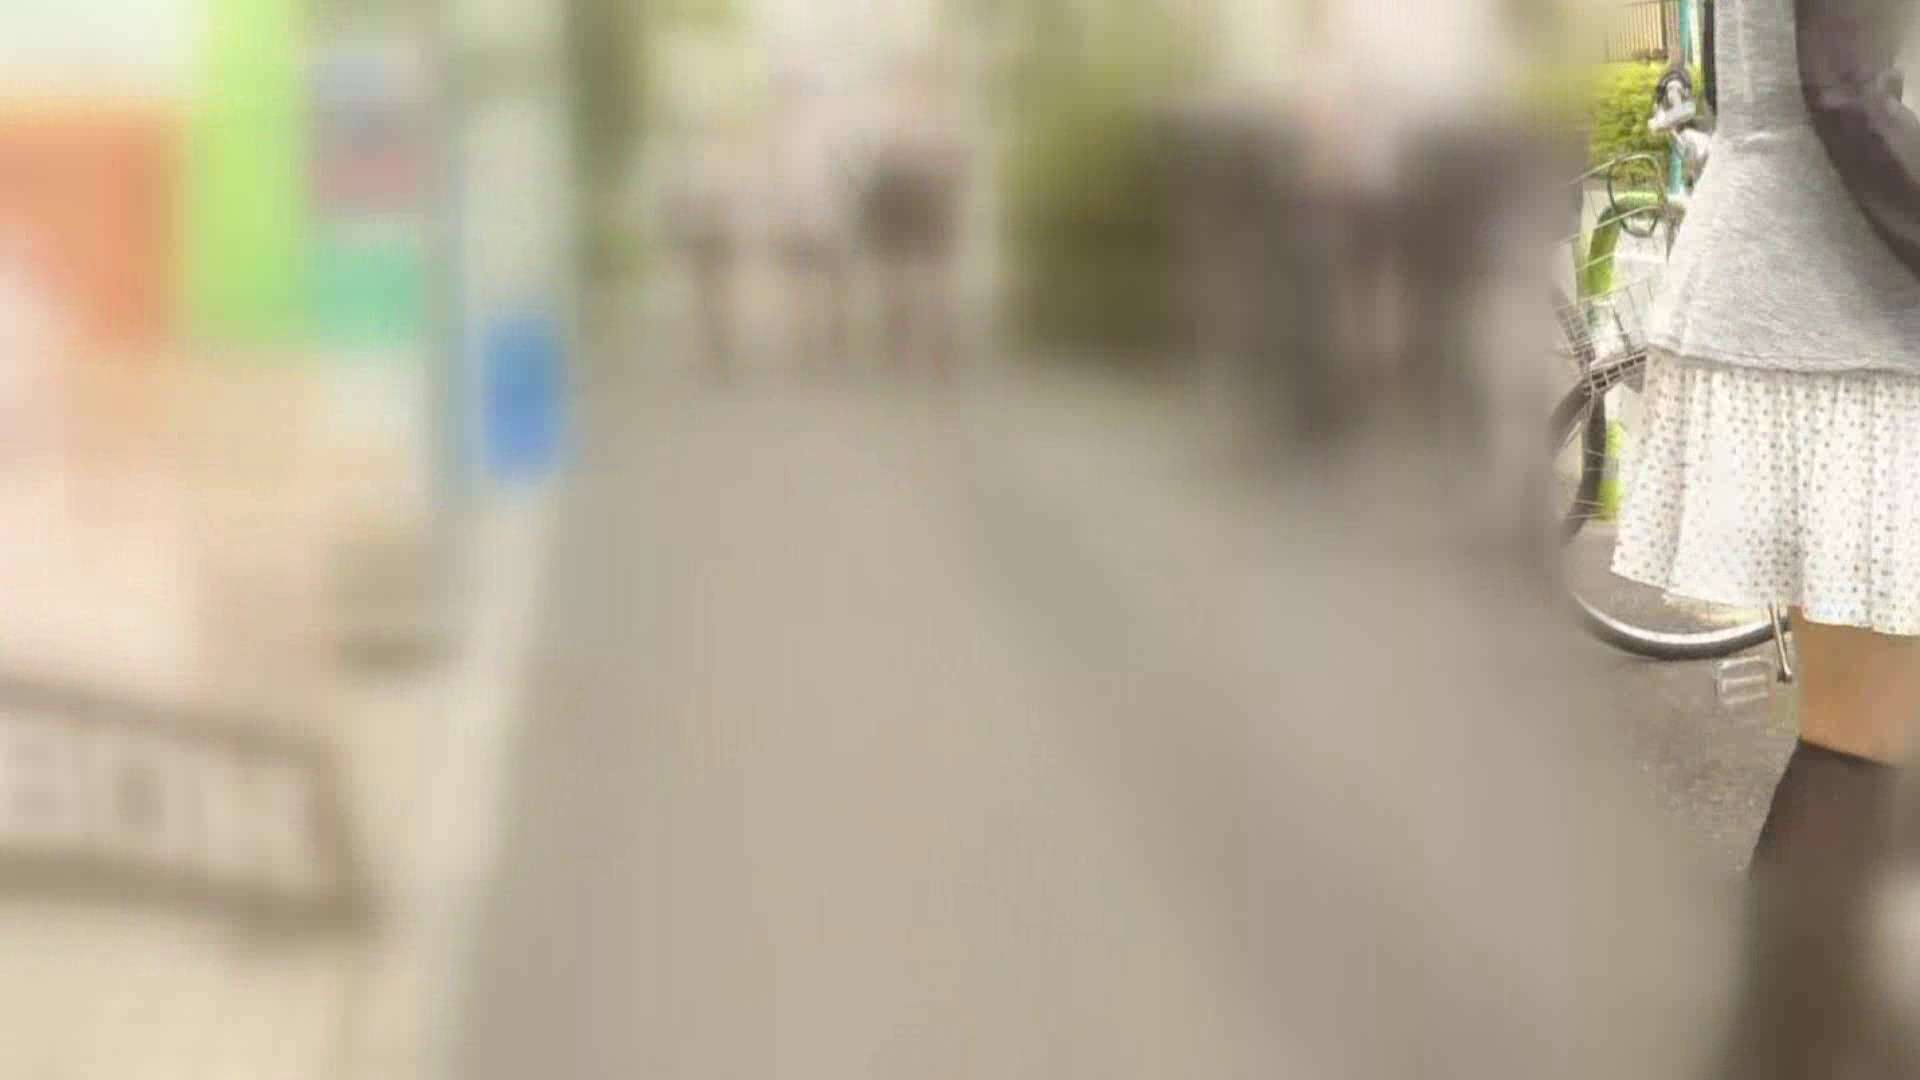 自転車パンチラ Vol.06 車 SEX無修正画像 86pic 4